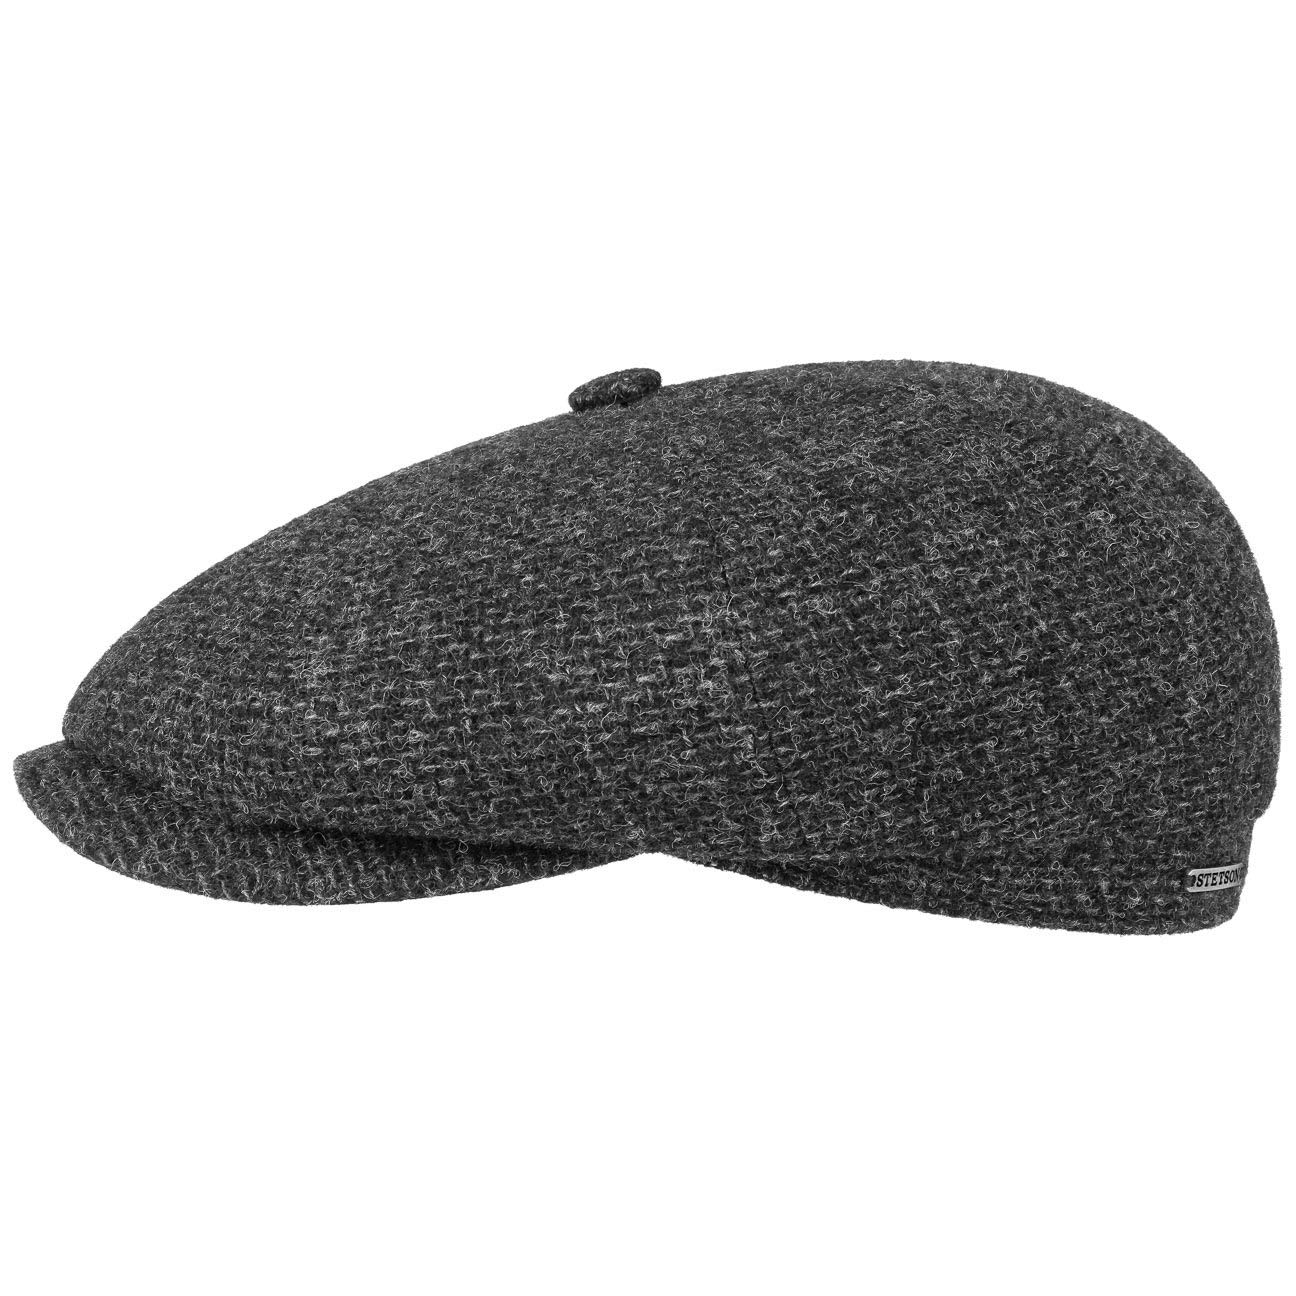 Stetson Hatteras Shetland Wool Flatcap Schirmmütze Wollcap Schiebermütze Wintercap Herrencap für Herren mit Schirm, Futter Winter